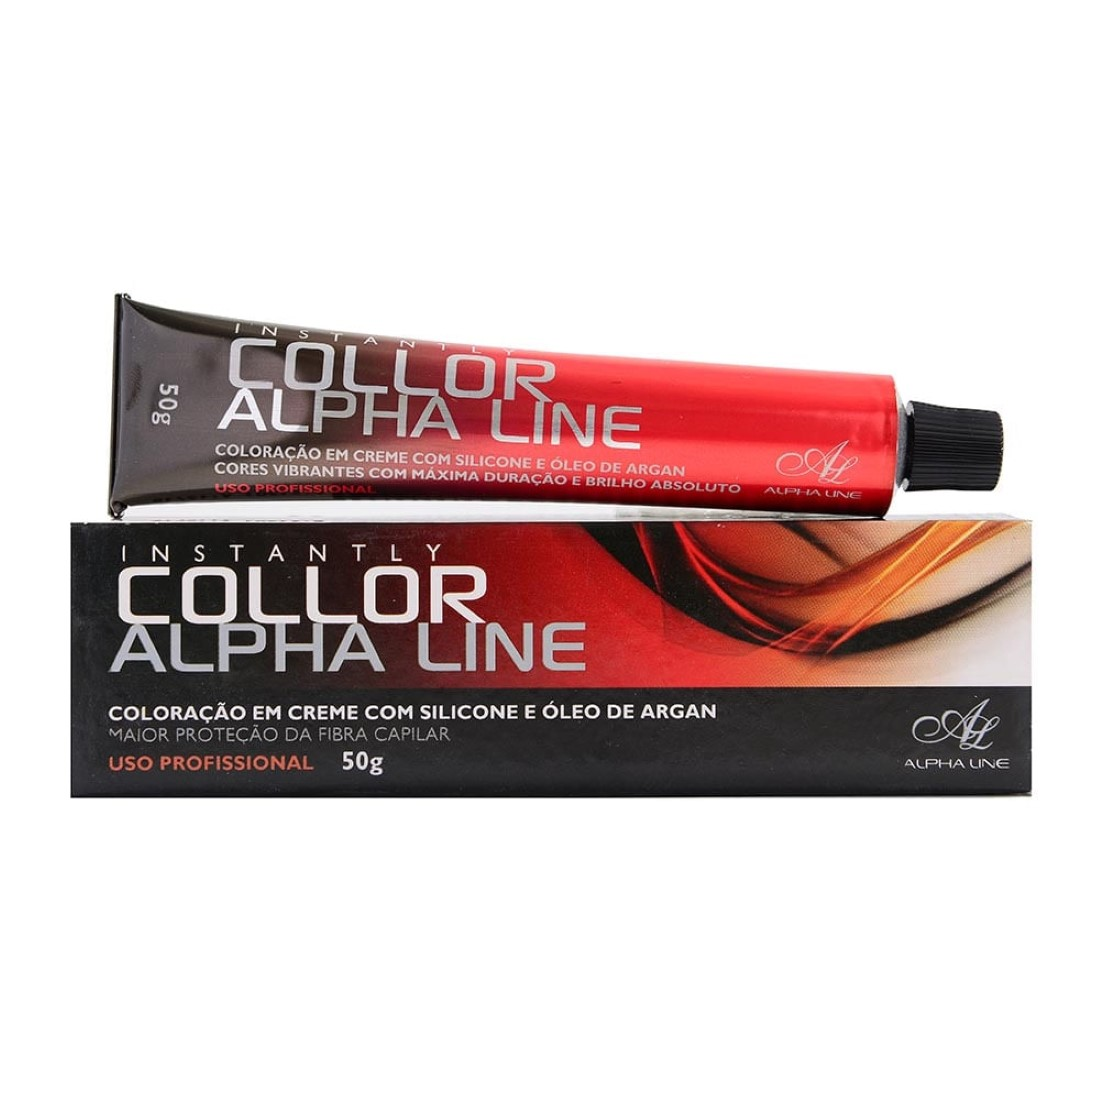 Coloração Instantly Collor Castanho Claro Violeta 5.2 - Alpha Line